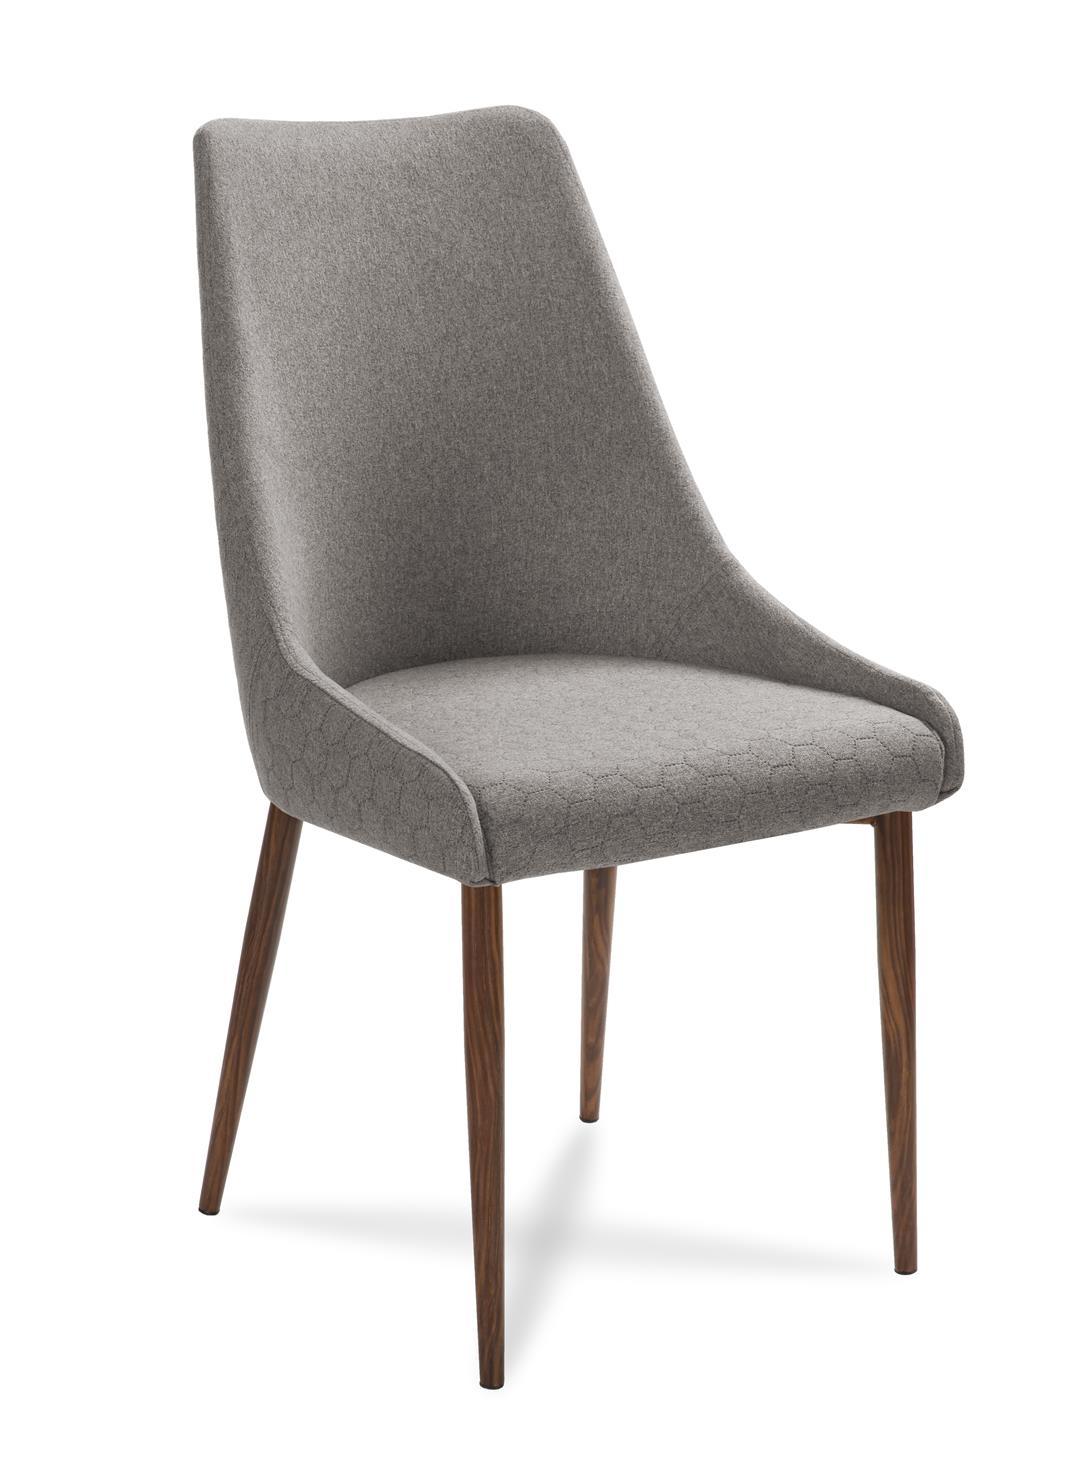 Scaun tapitat cu stofa, cu picioare din lemn Olivier Grey / Walnut, l48xA55xH99 cm